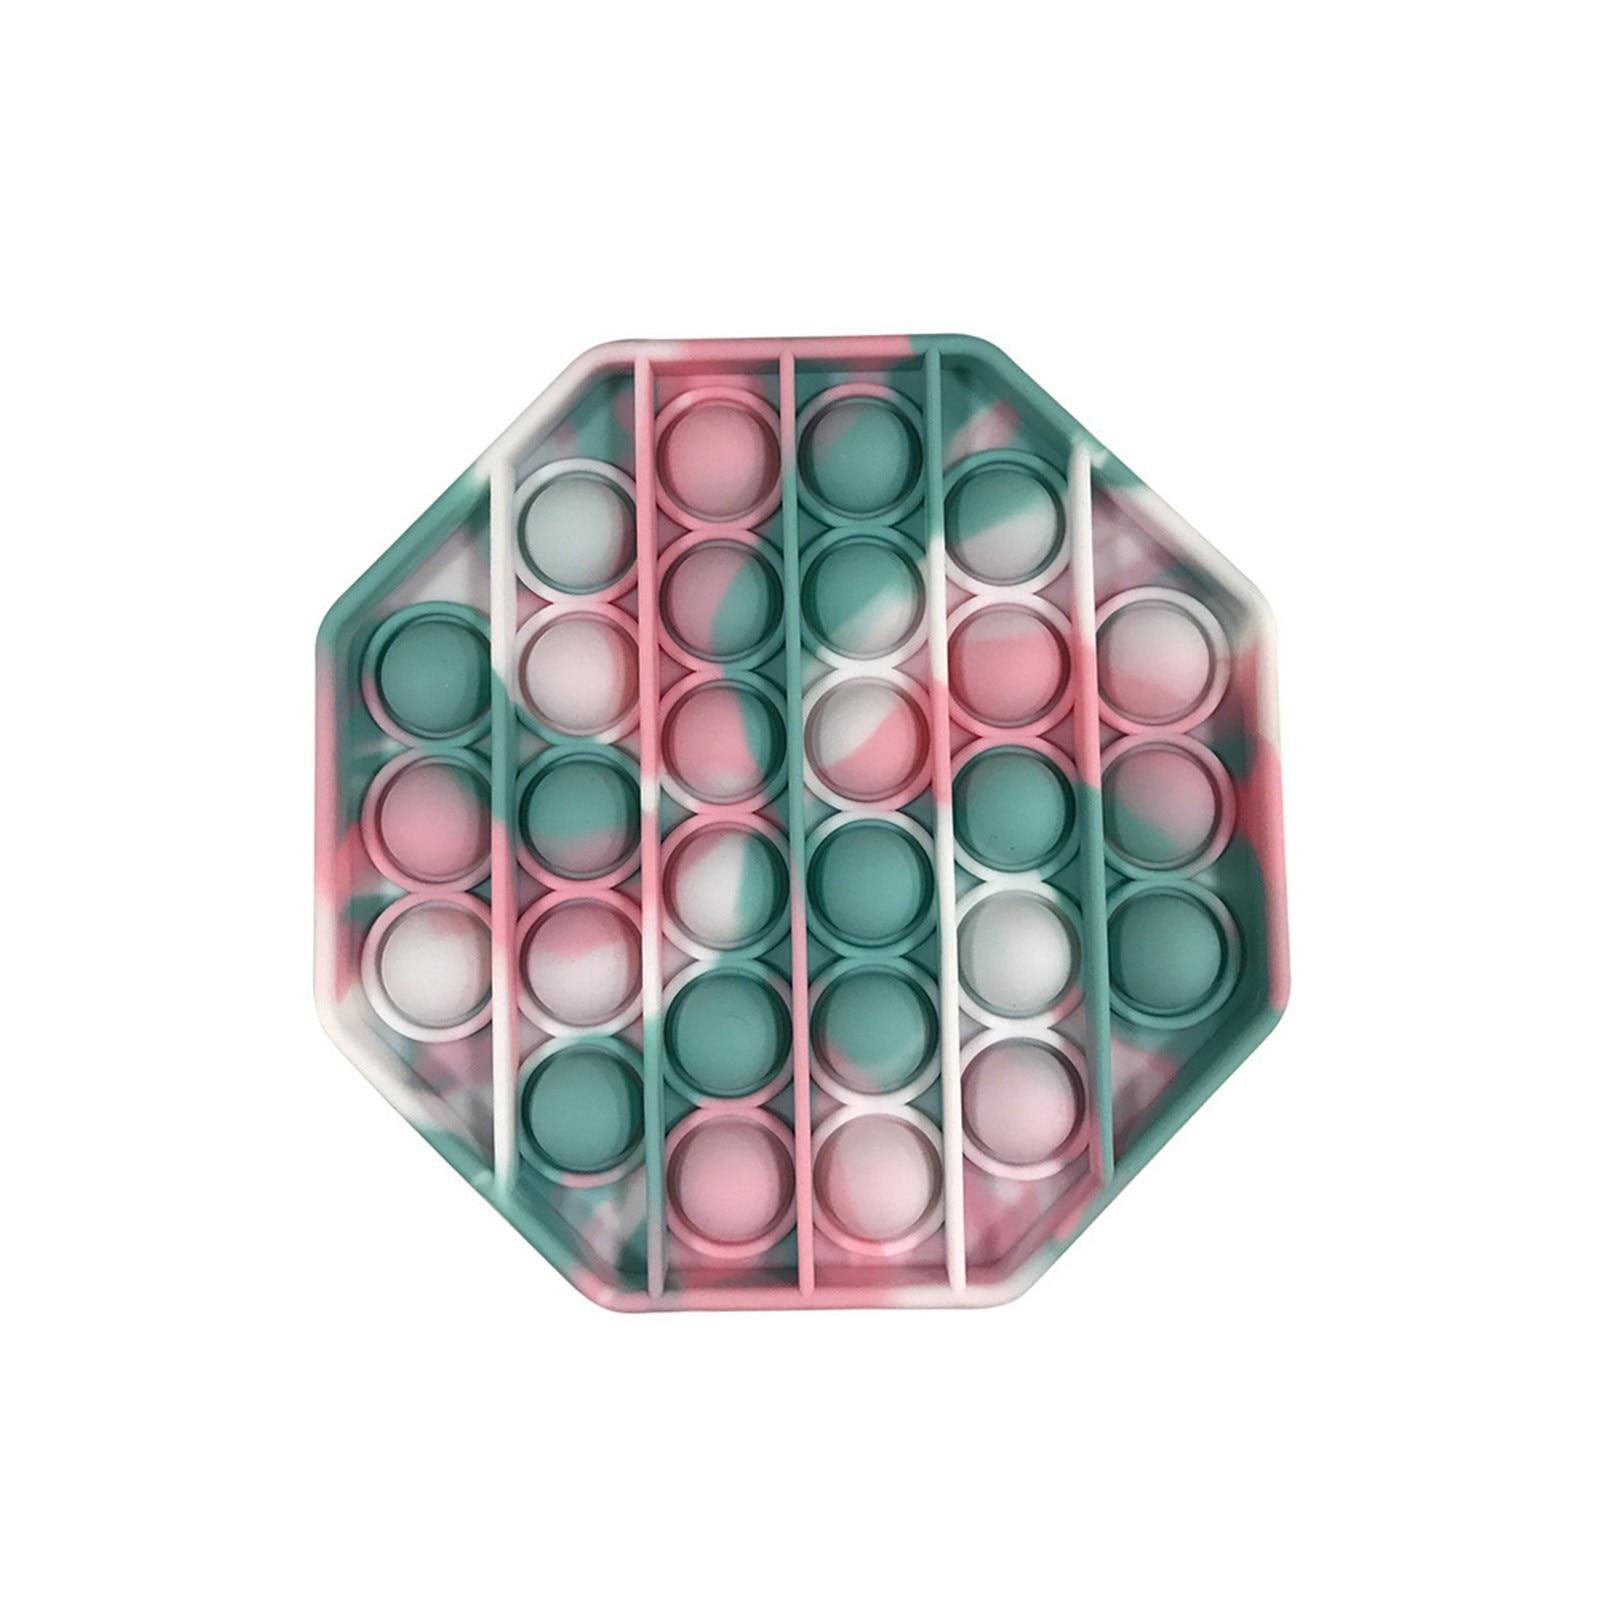 Funny Popit Fidget Toy Antistress Toys For Adult Children Push Bubble Fidget Sensory Squishy Jouet Pour Autiste ??????????* img3